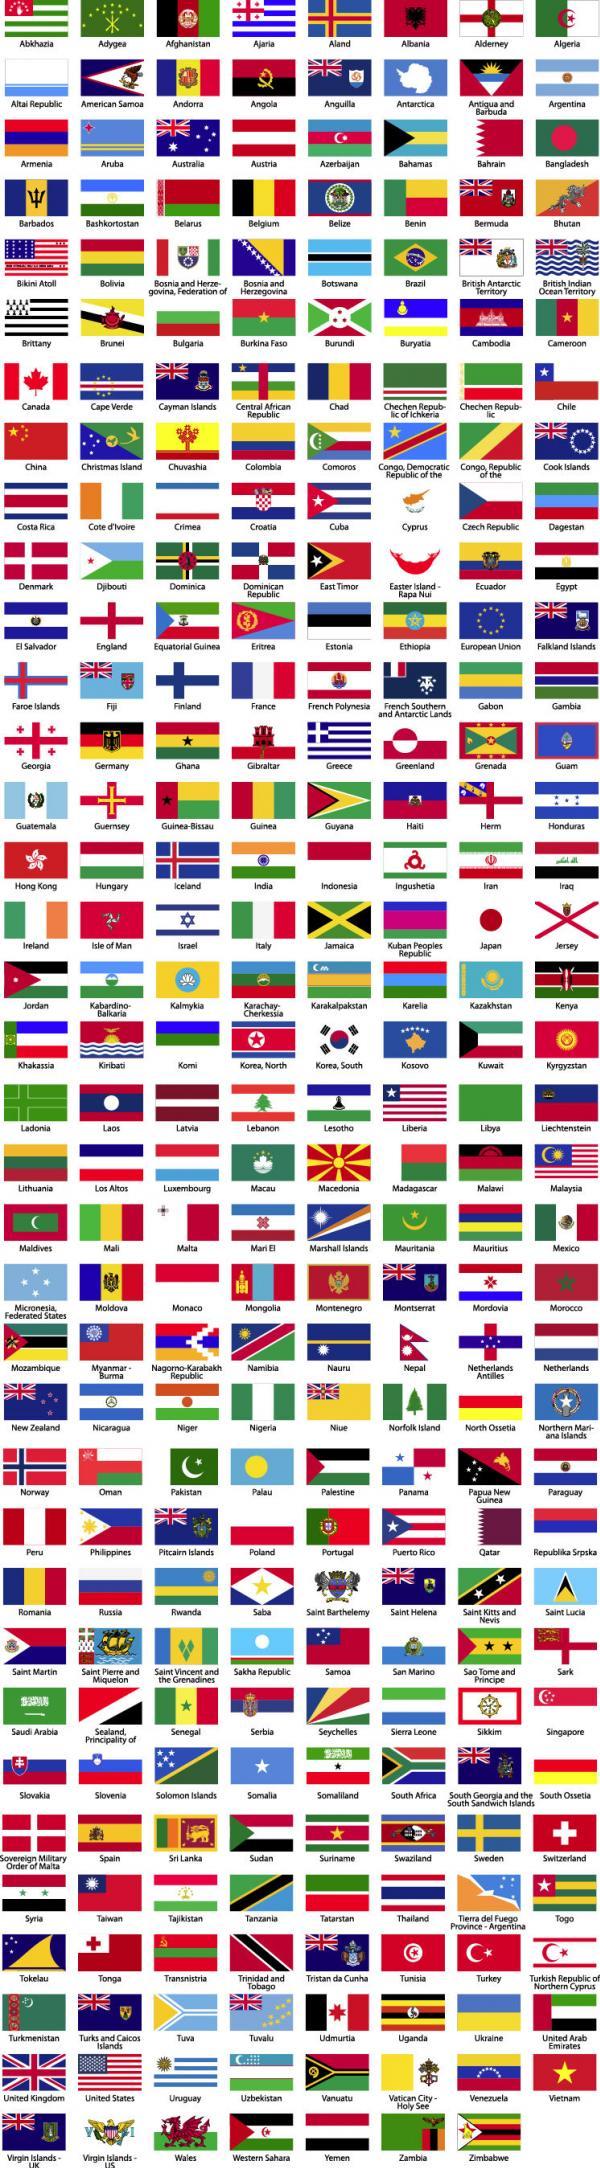 ธงชาติทั่วโลก